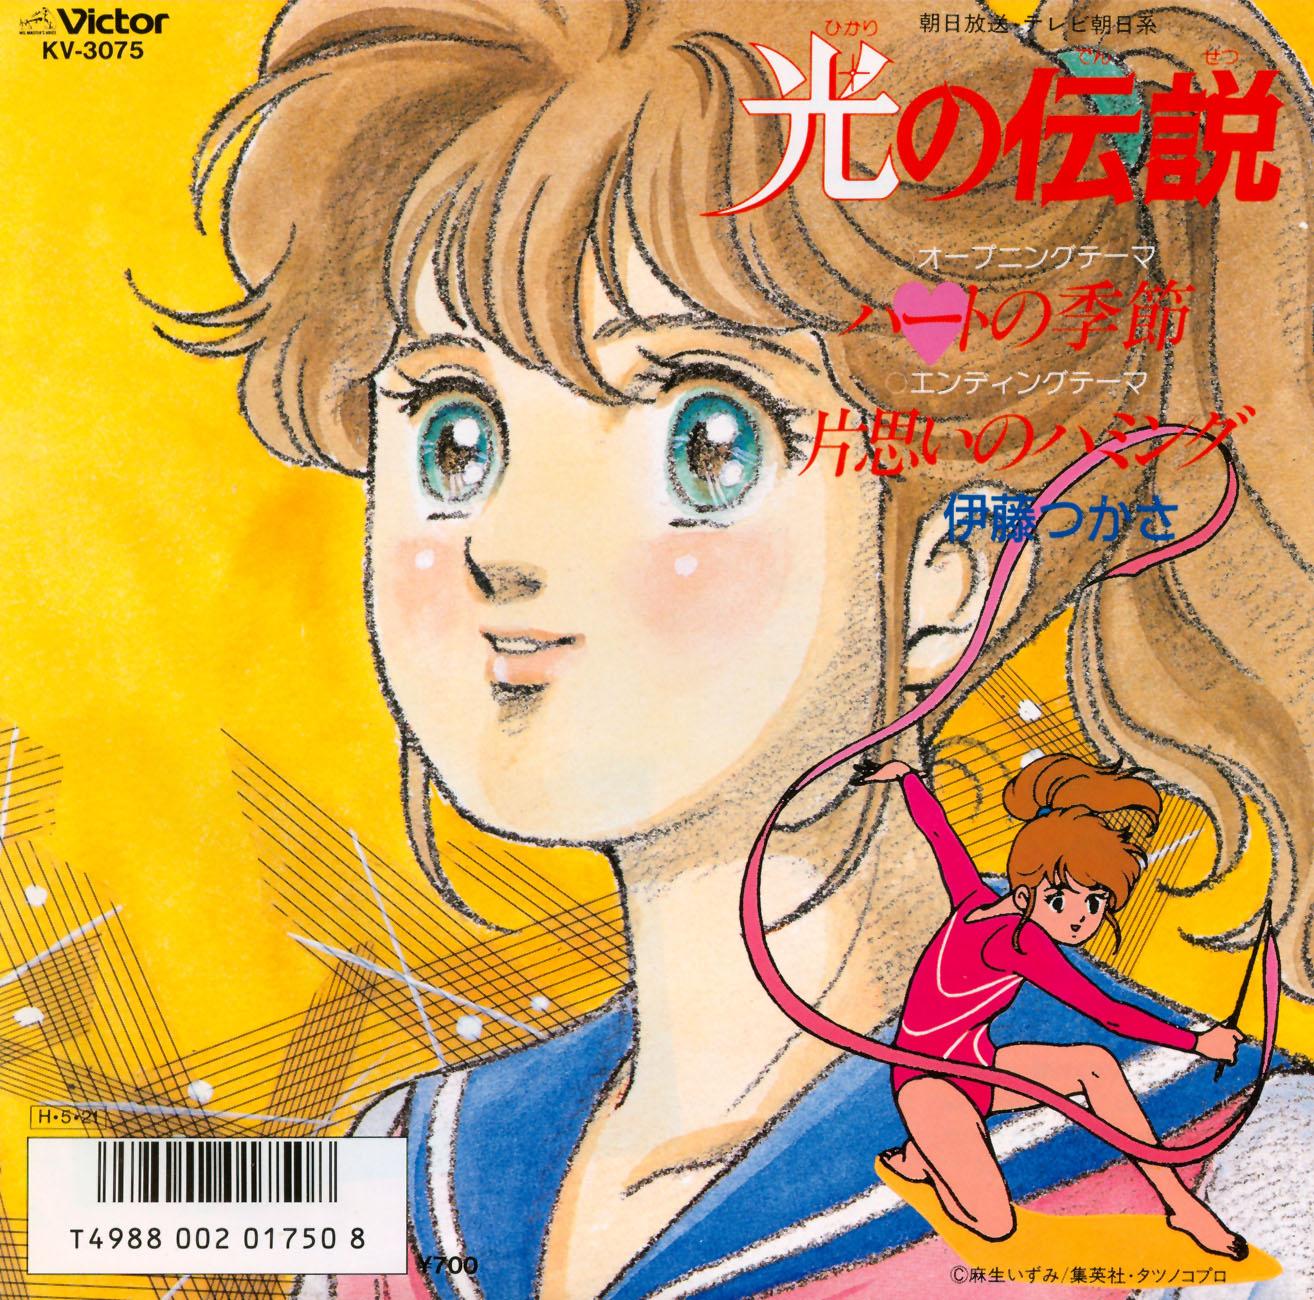 картинки аниме хикари: